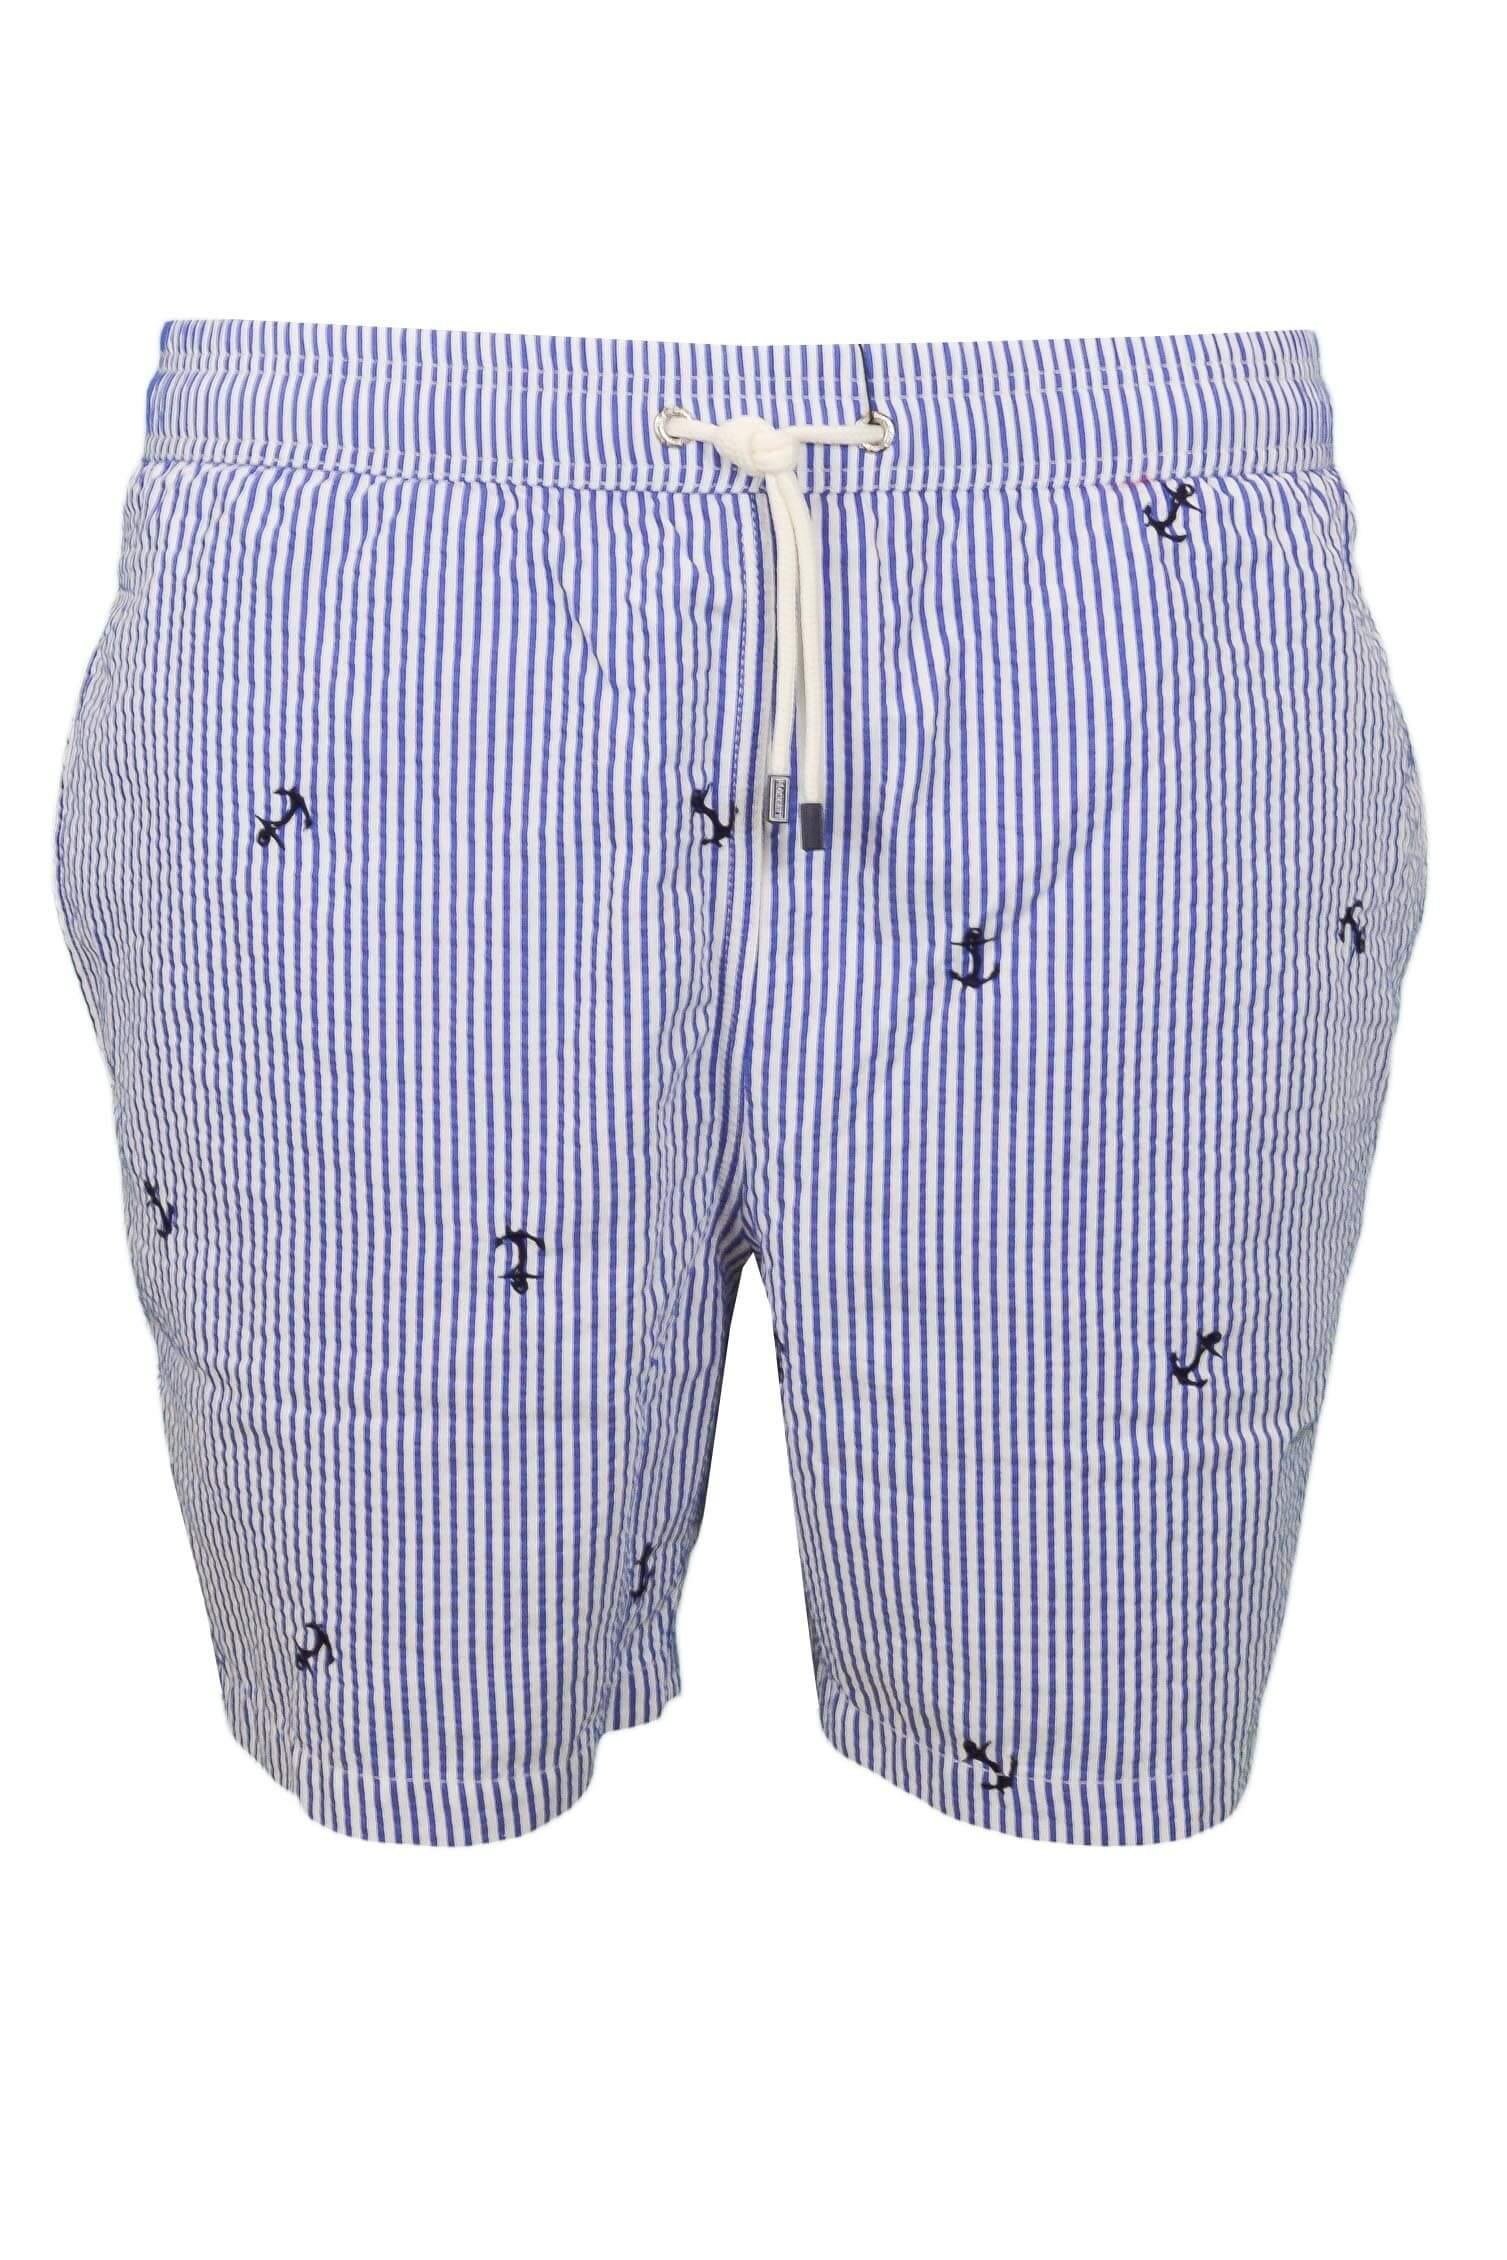 616874c3bf6 Short de bain rayé Hackett bleu et blanc pour homme - Toujours au m...